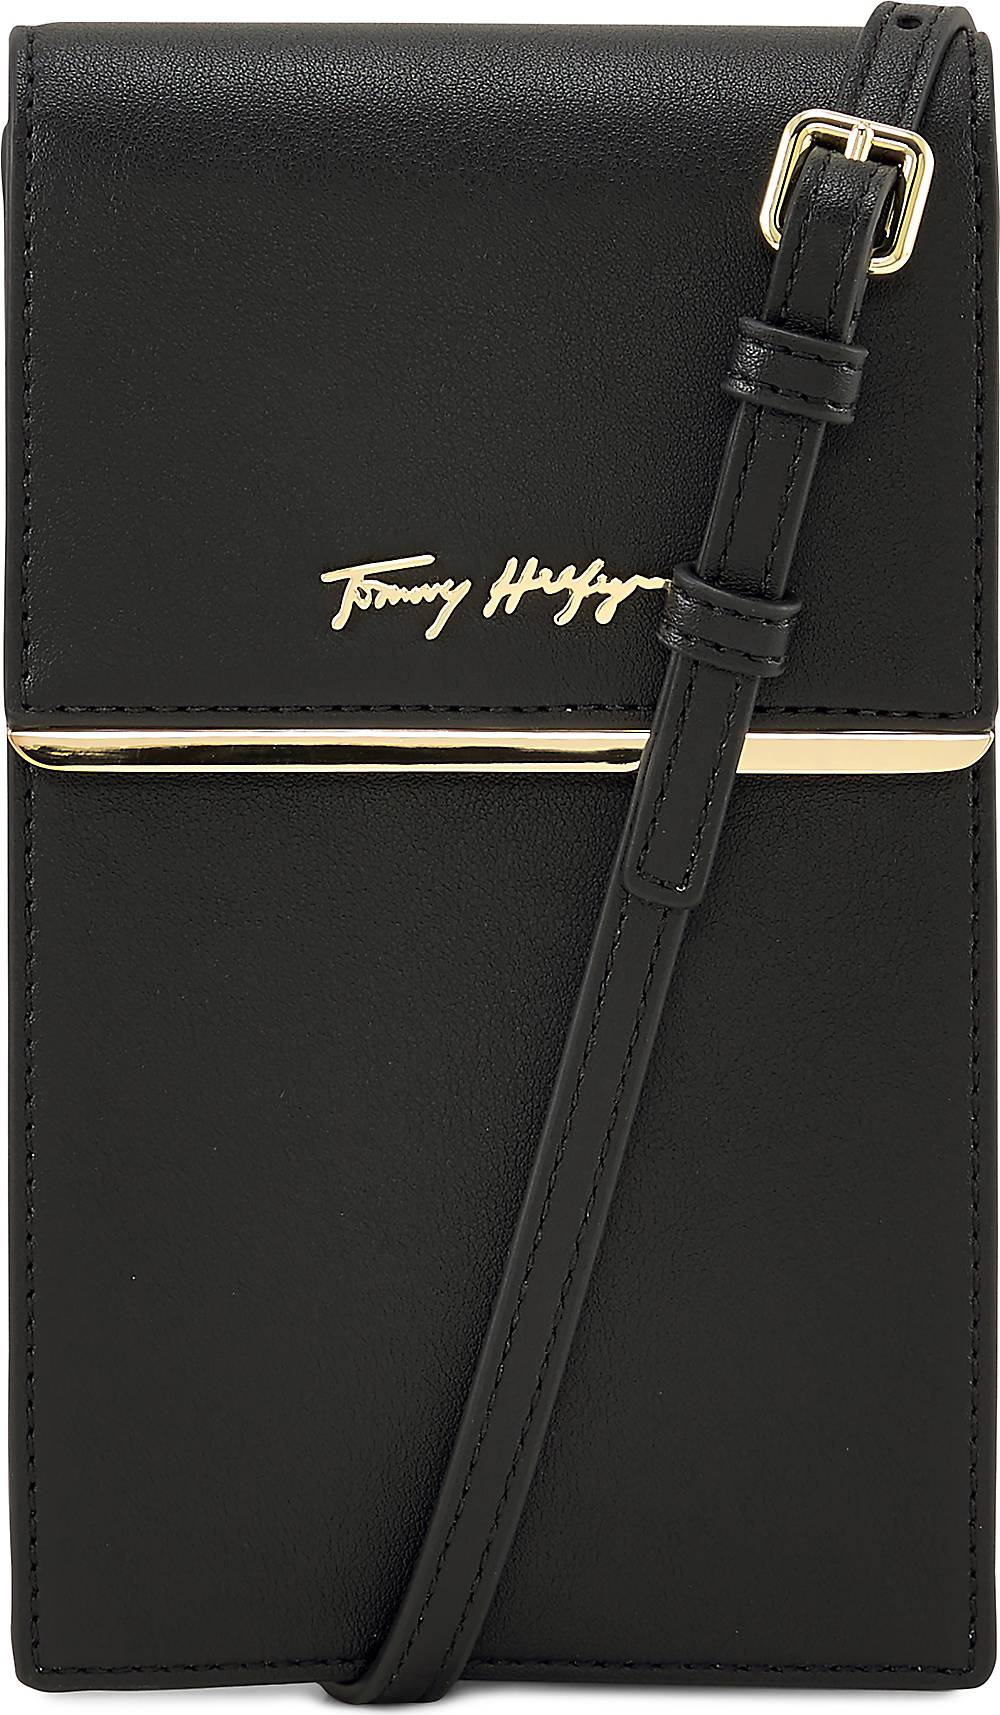 TOMMY HILFIGER, Handytasche in schwarz, Handyhüllen & Zubehör für Damen